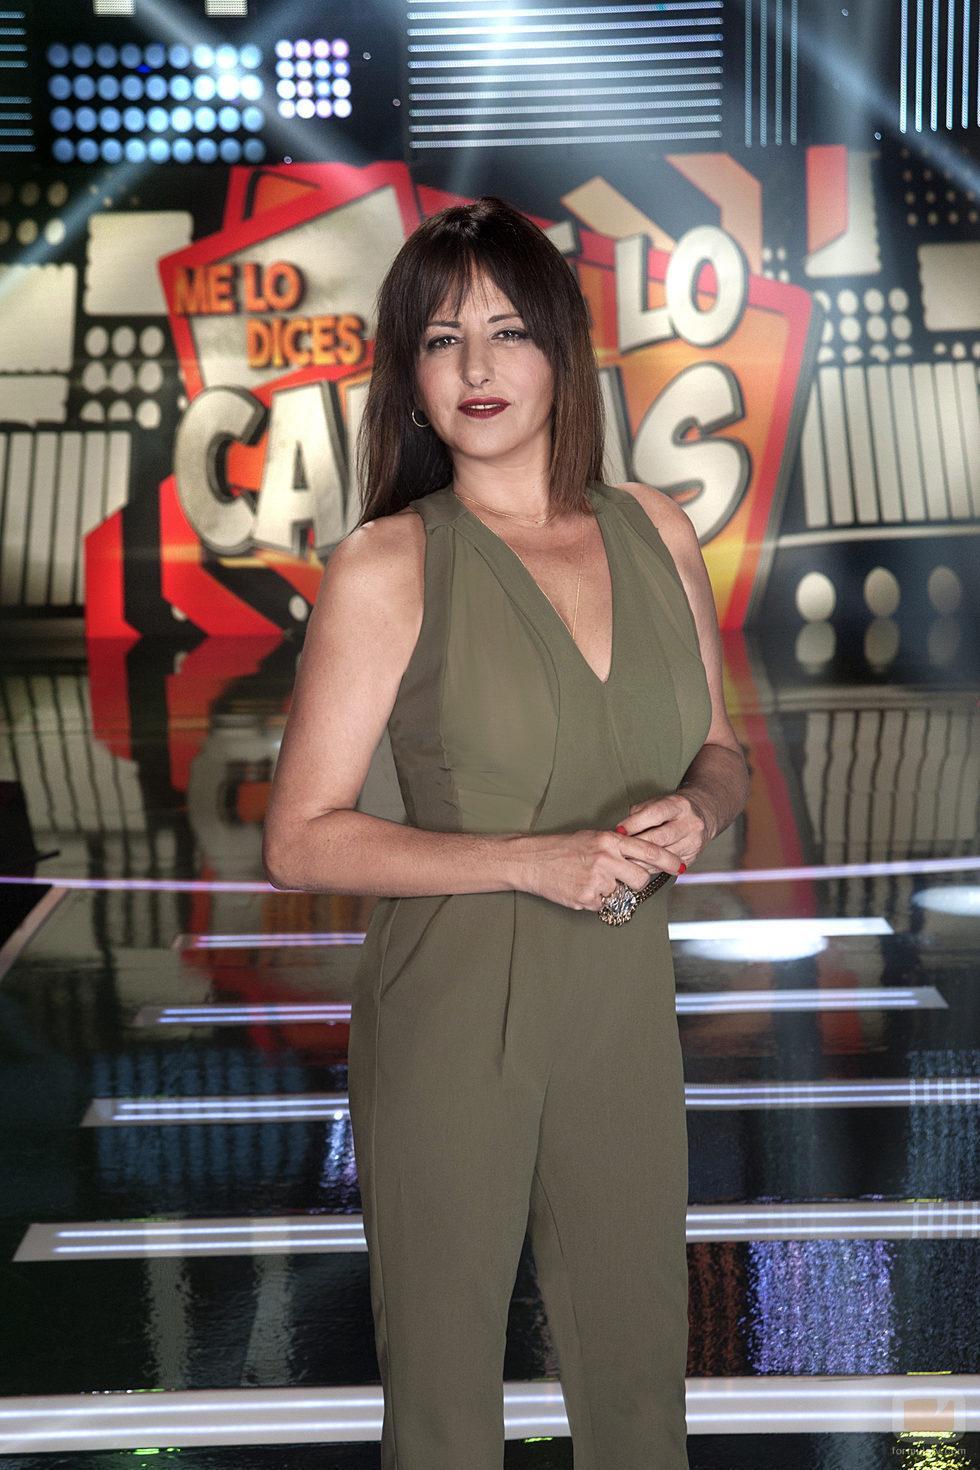 Yolanda Ramos en 'Me lo dices o me lo cantas'